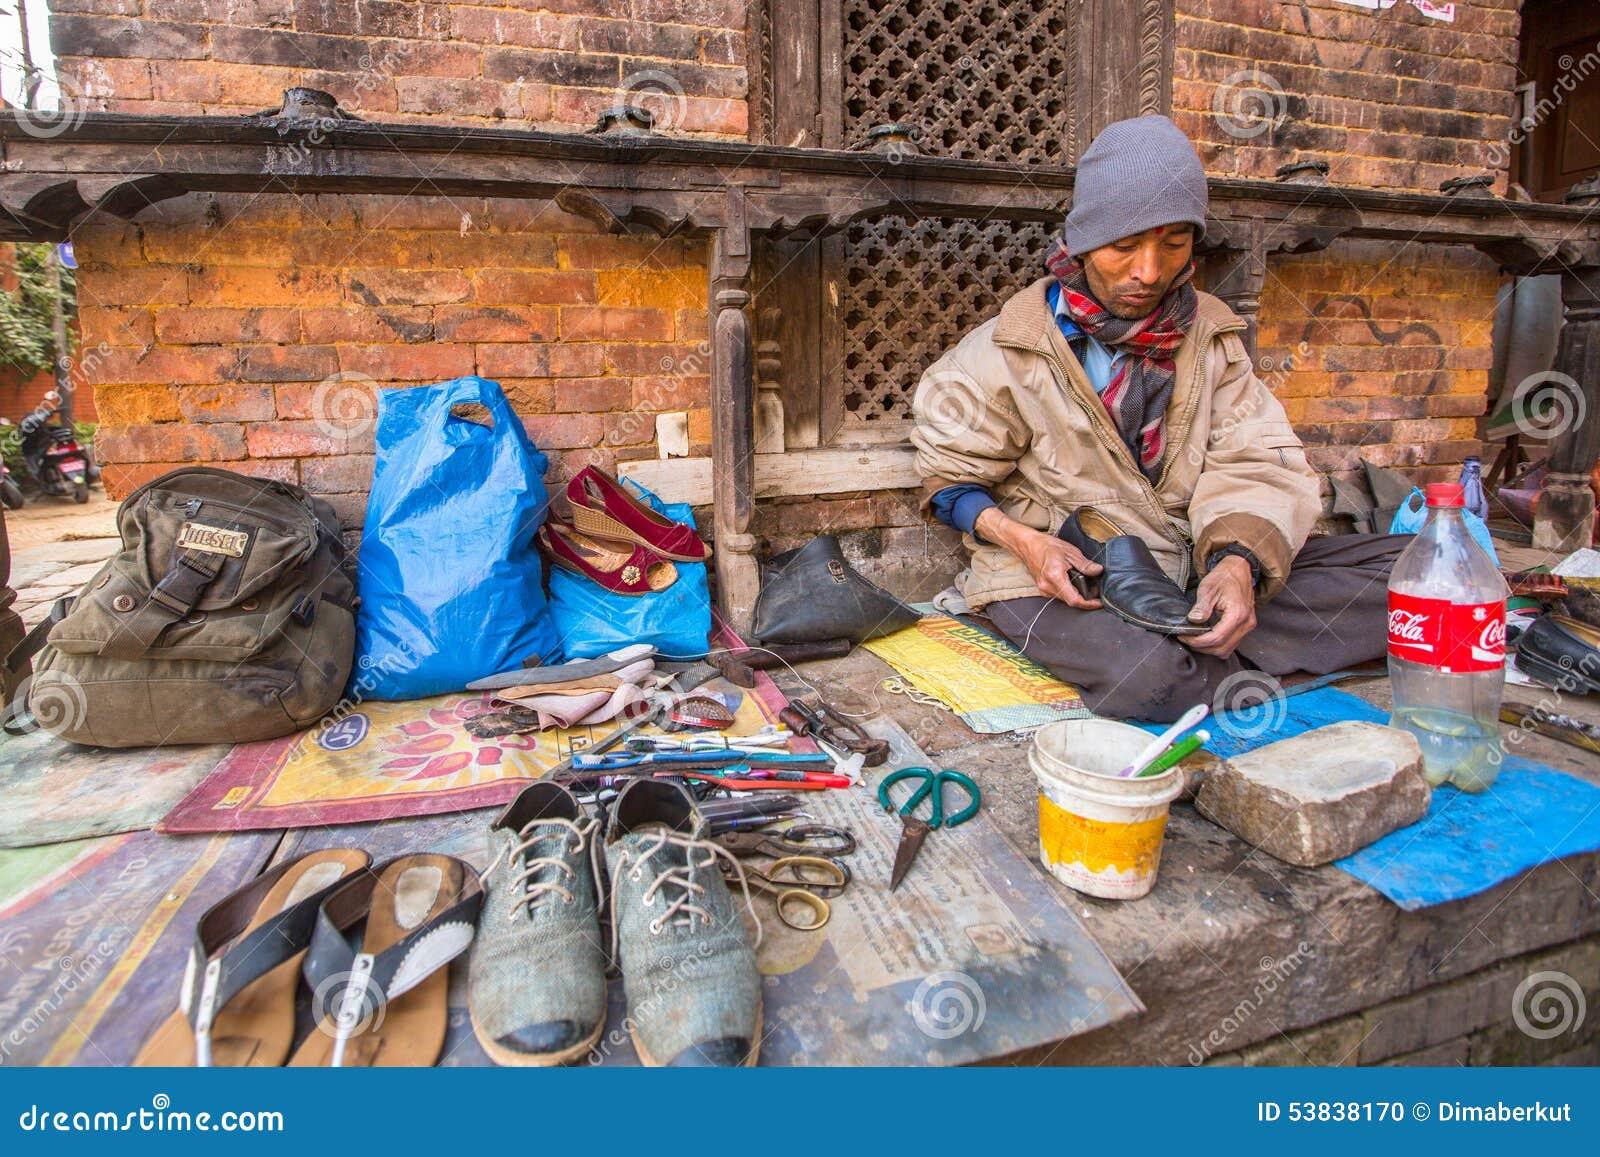 De schoenmakerswerken aangaande de straat Het kastesysteem is vandaag nog intact maar de regels zijn niet zo stijf aangezien zij